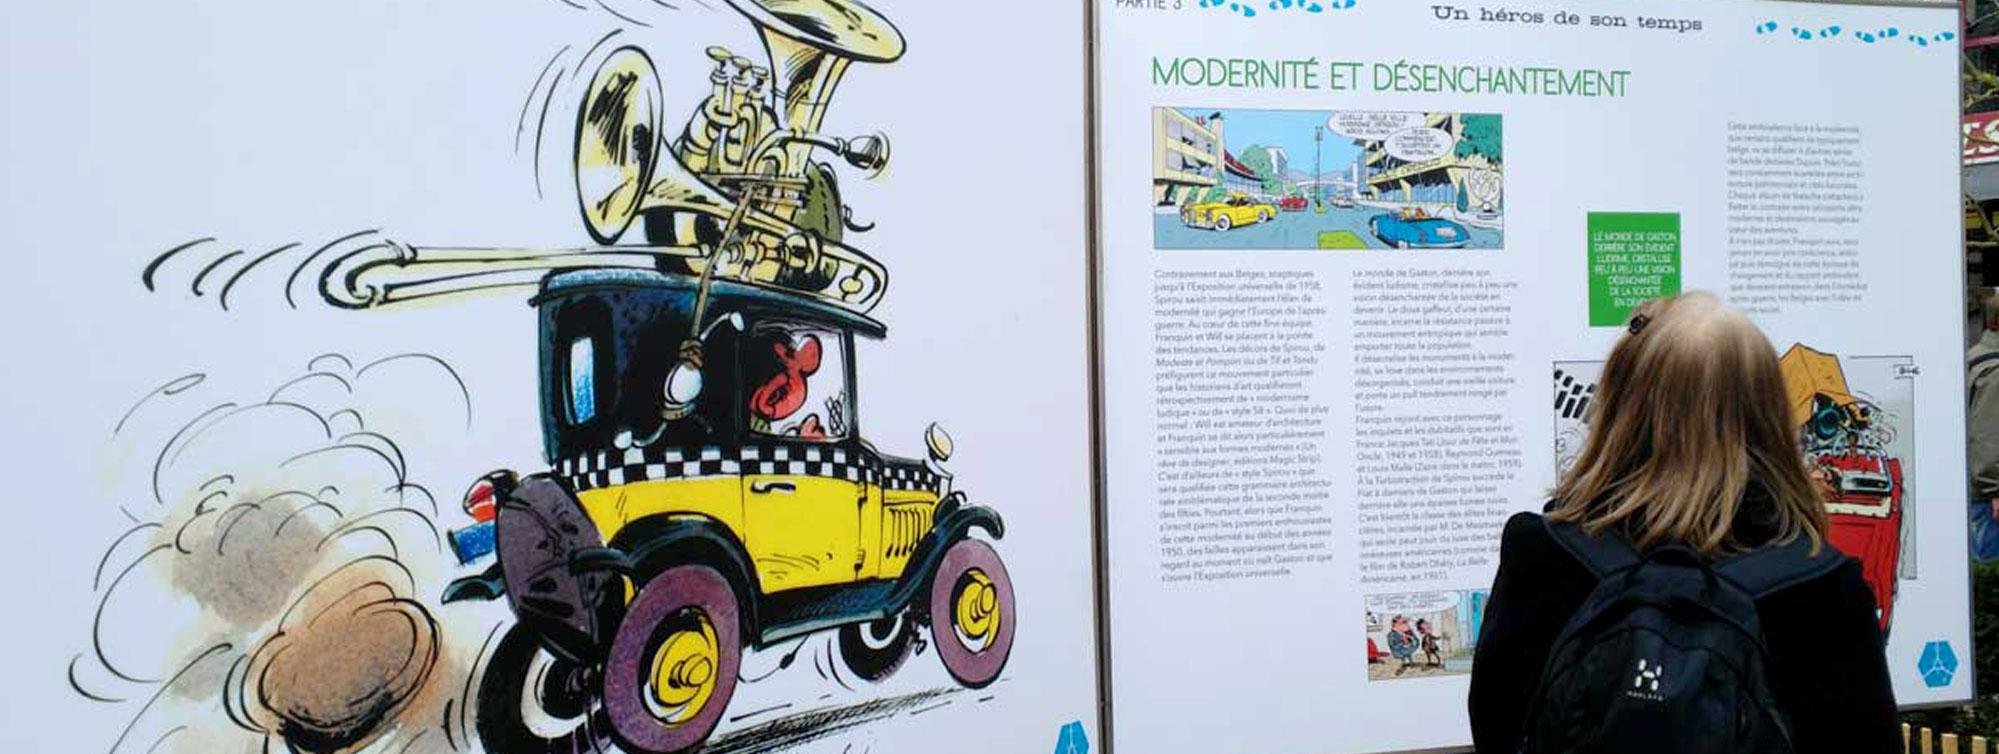 Chateau de Maumont : Festival de la bande dessinée d'Angouleme ©Chateau de Maumont